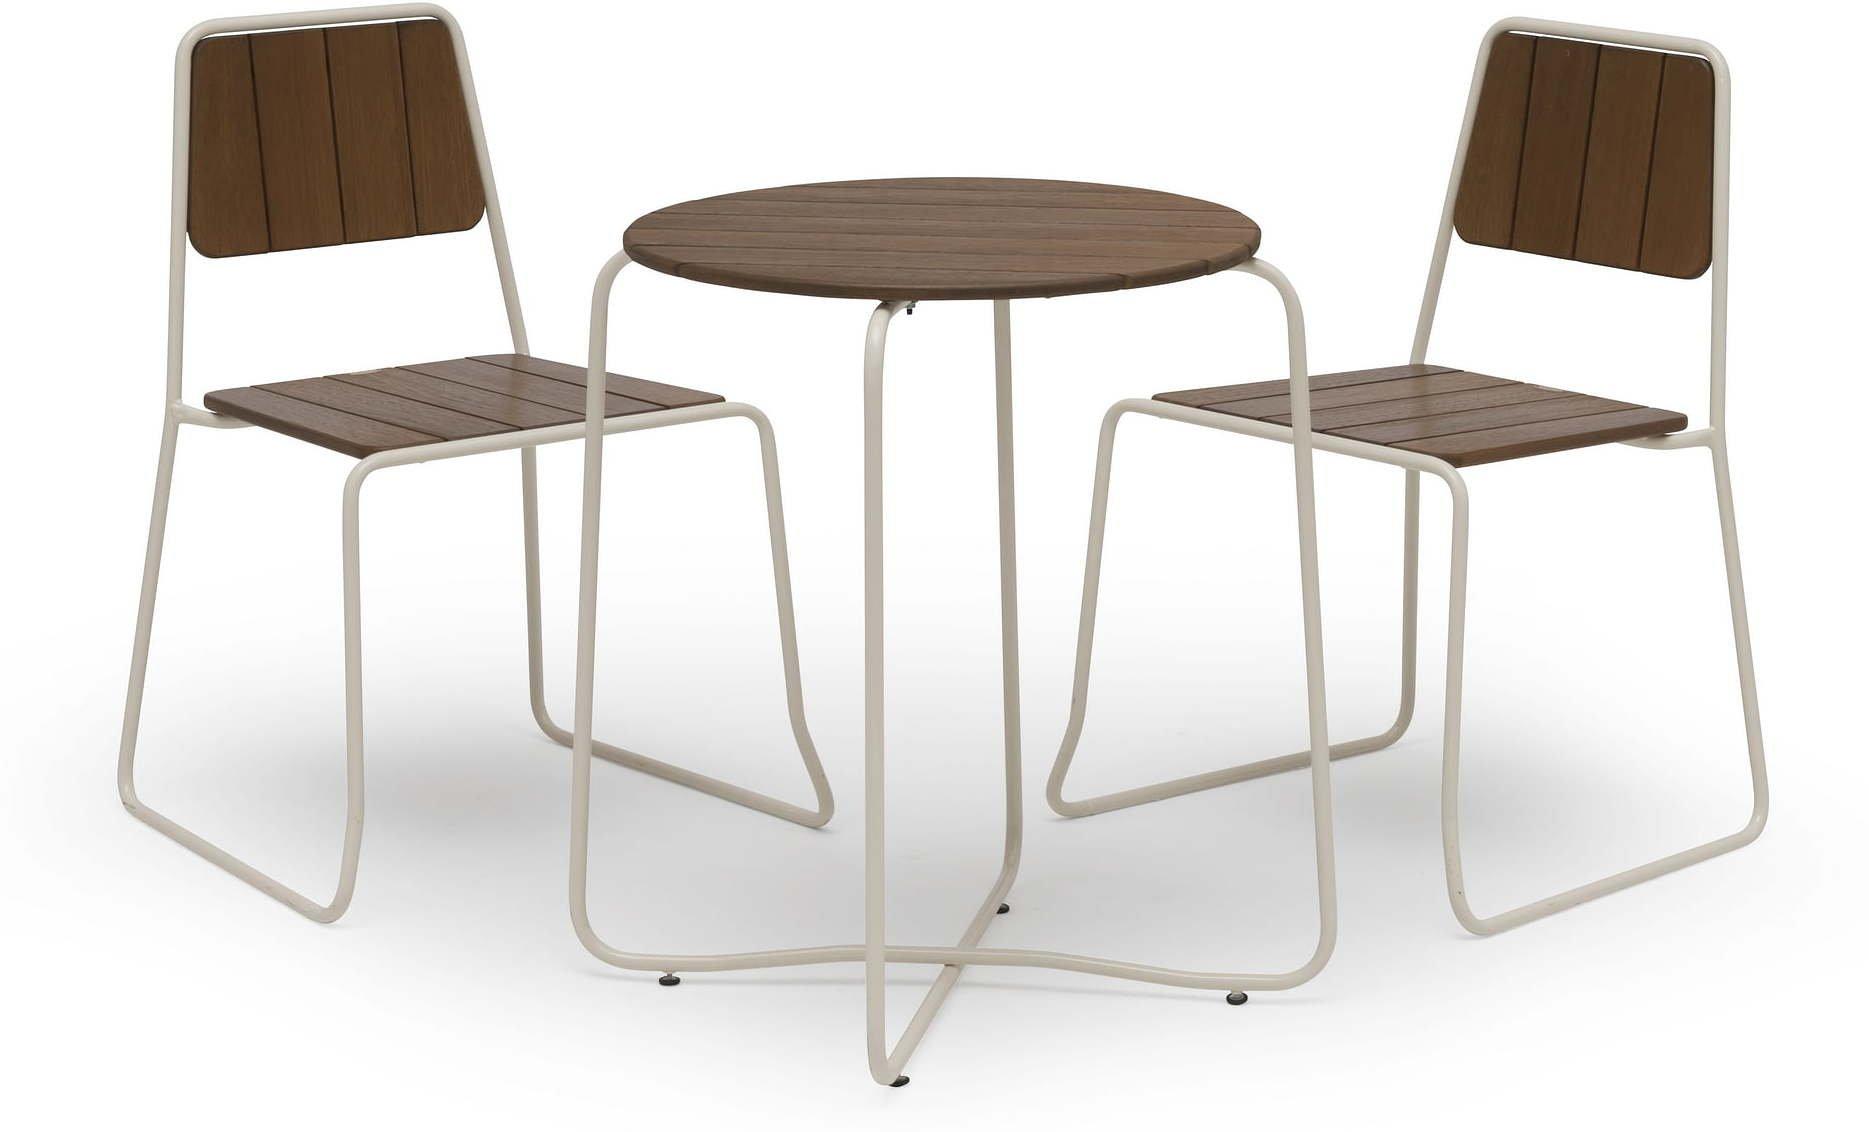 Best pris på OBI Cafebord med to stoler Se priser før kjøp